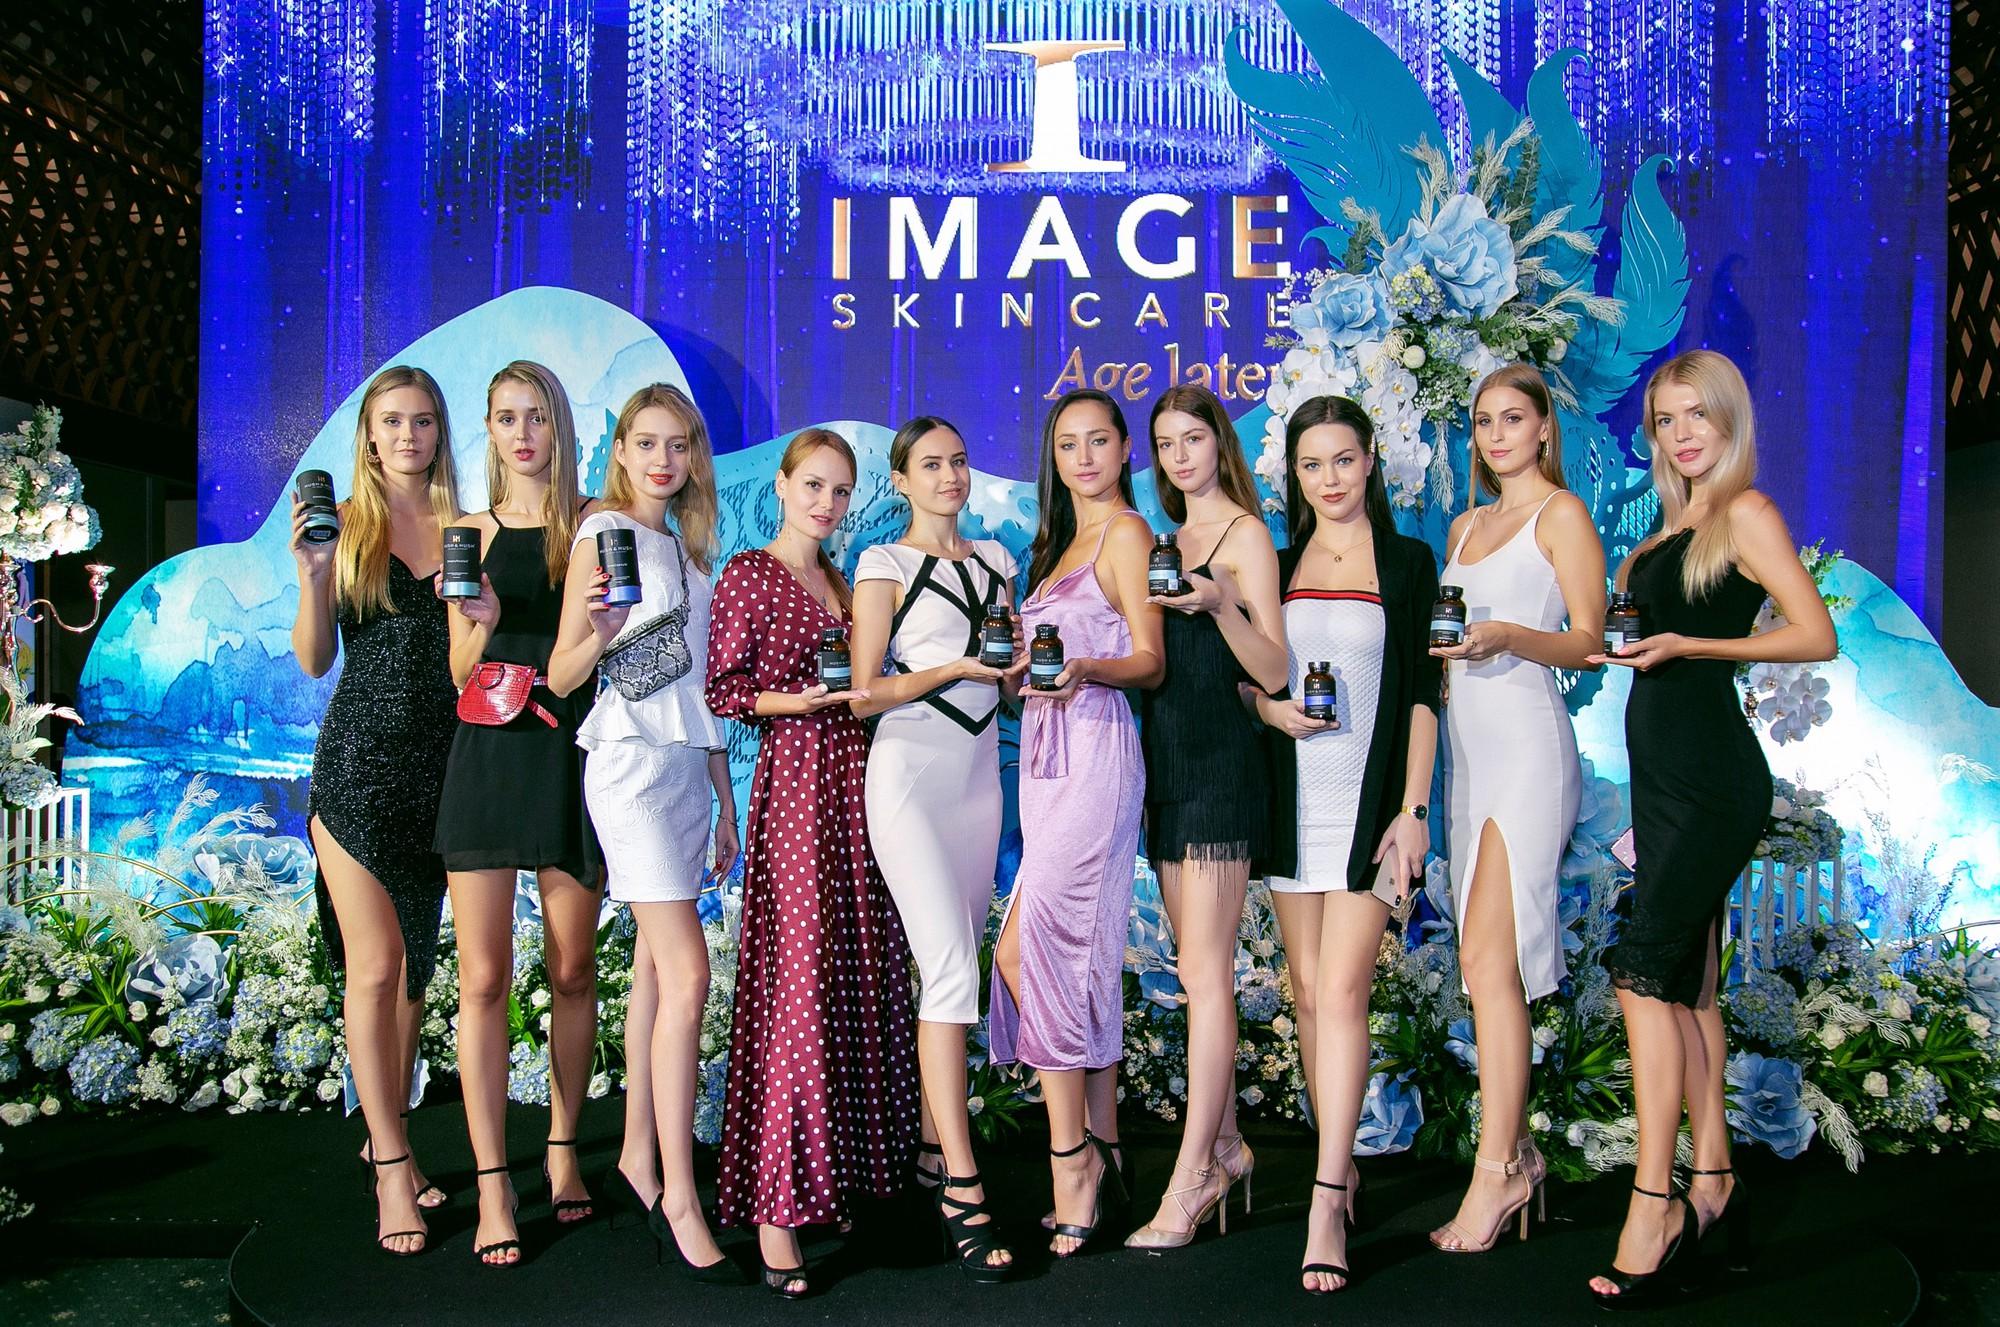 Hội nghị quốc tế IMAGEskincare lần thứ 12 Recover Your Beauty chuyên đề nám - Ảnh 7.